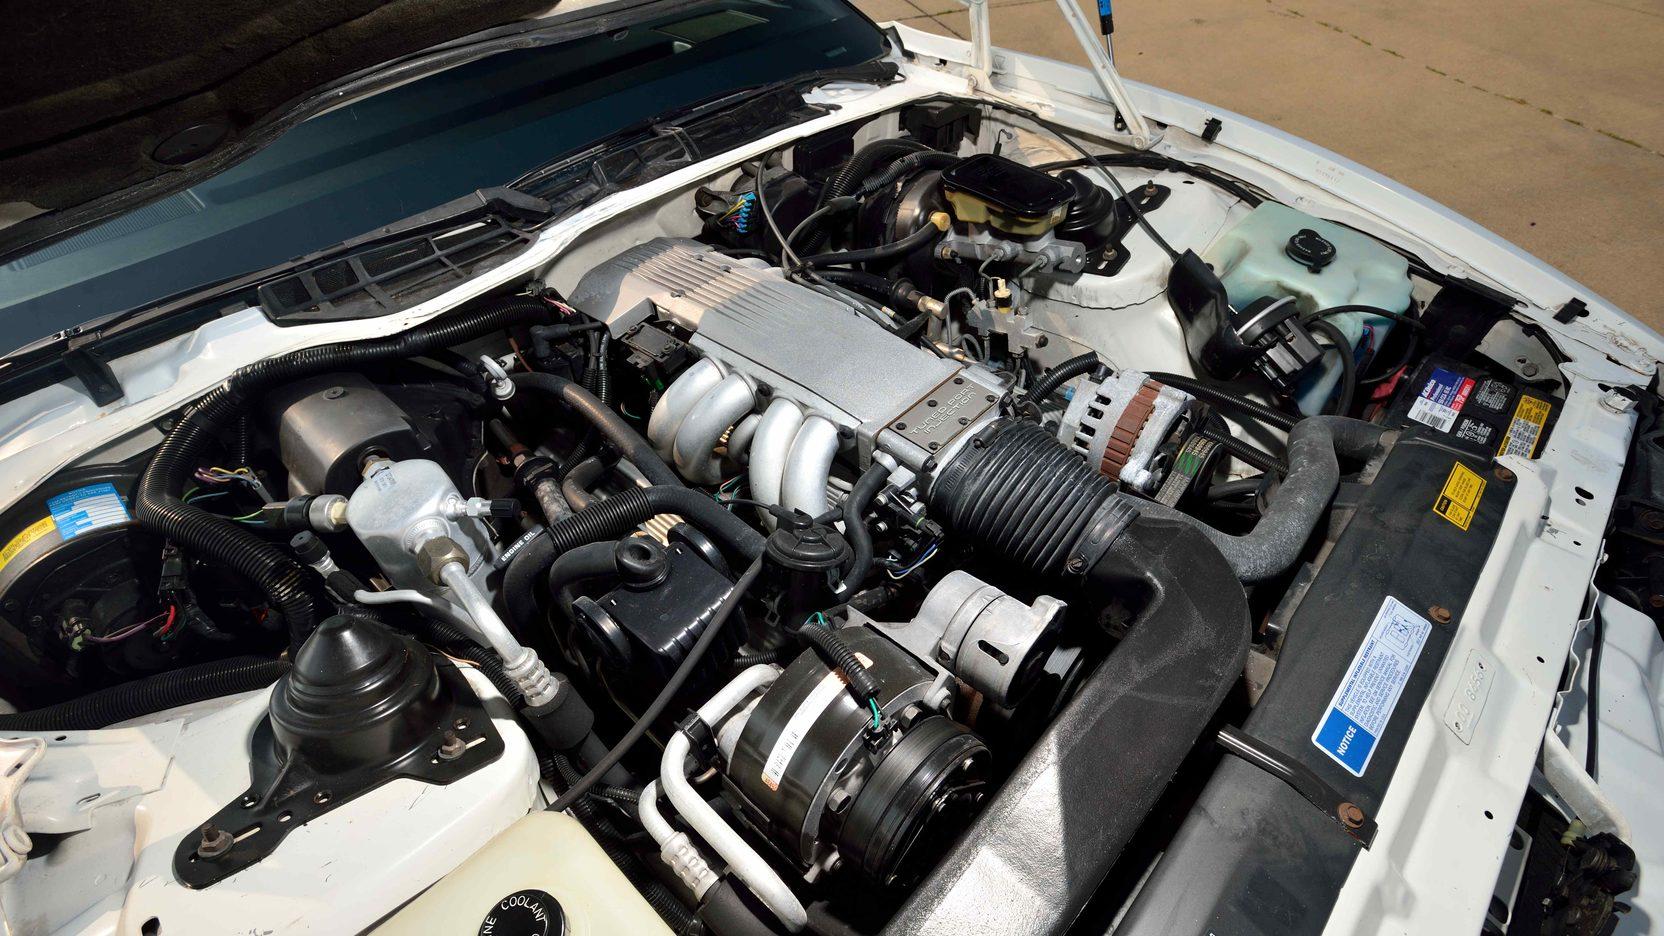 1991 Pontiac Trans Am engine